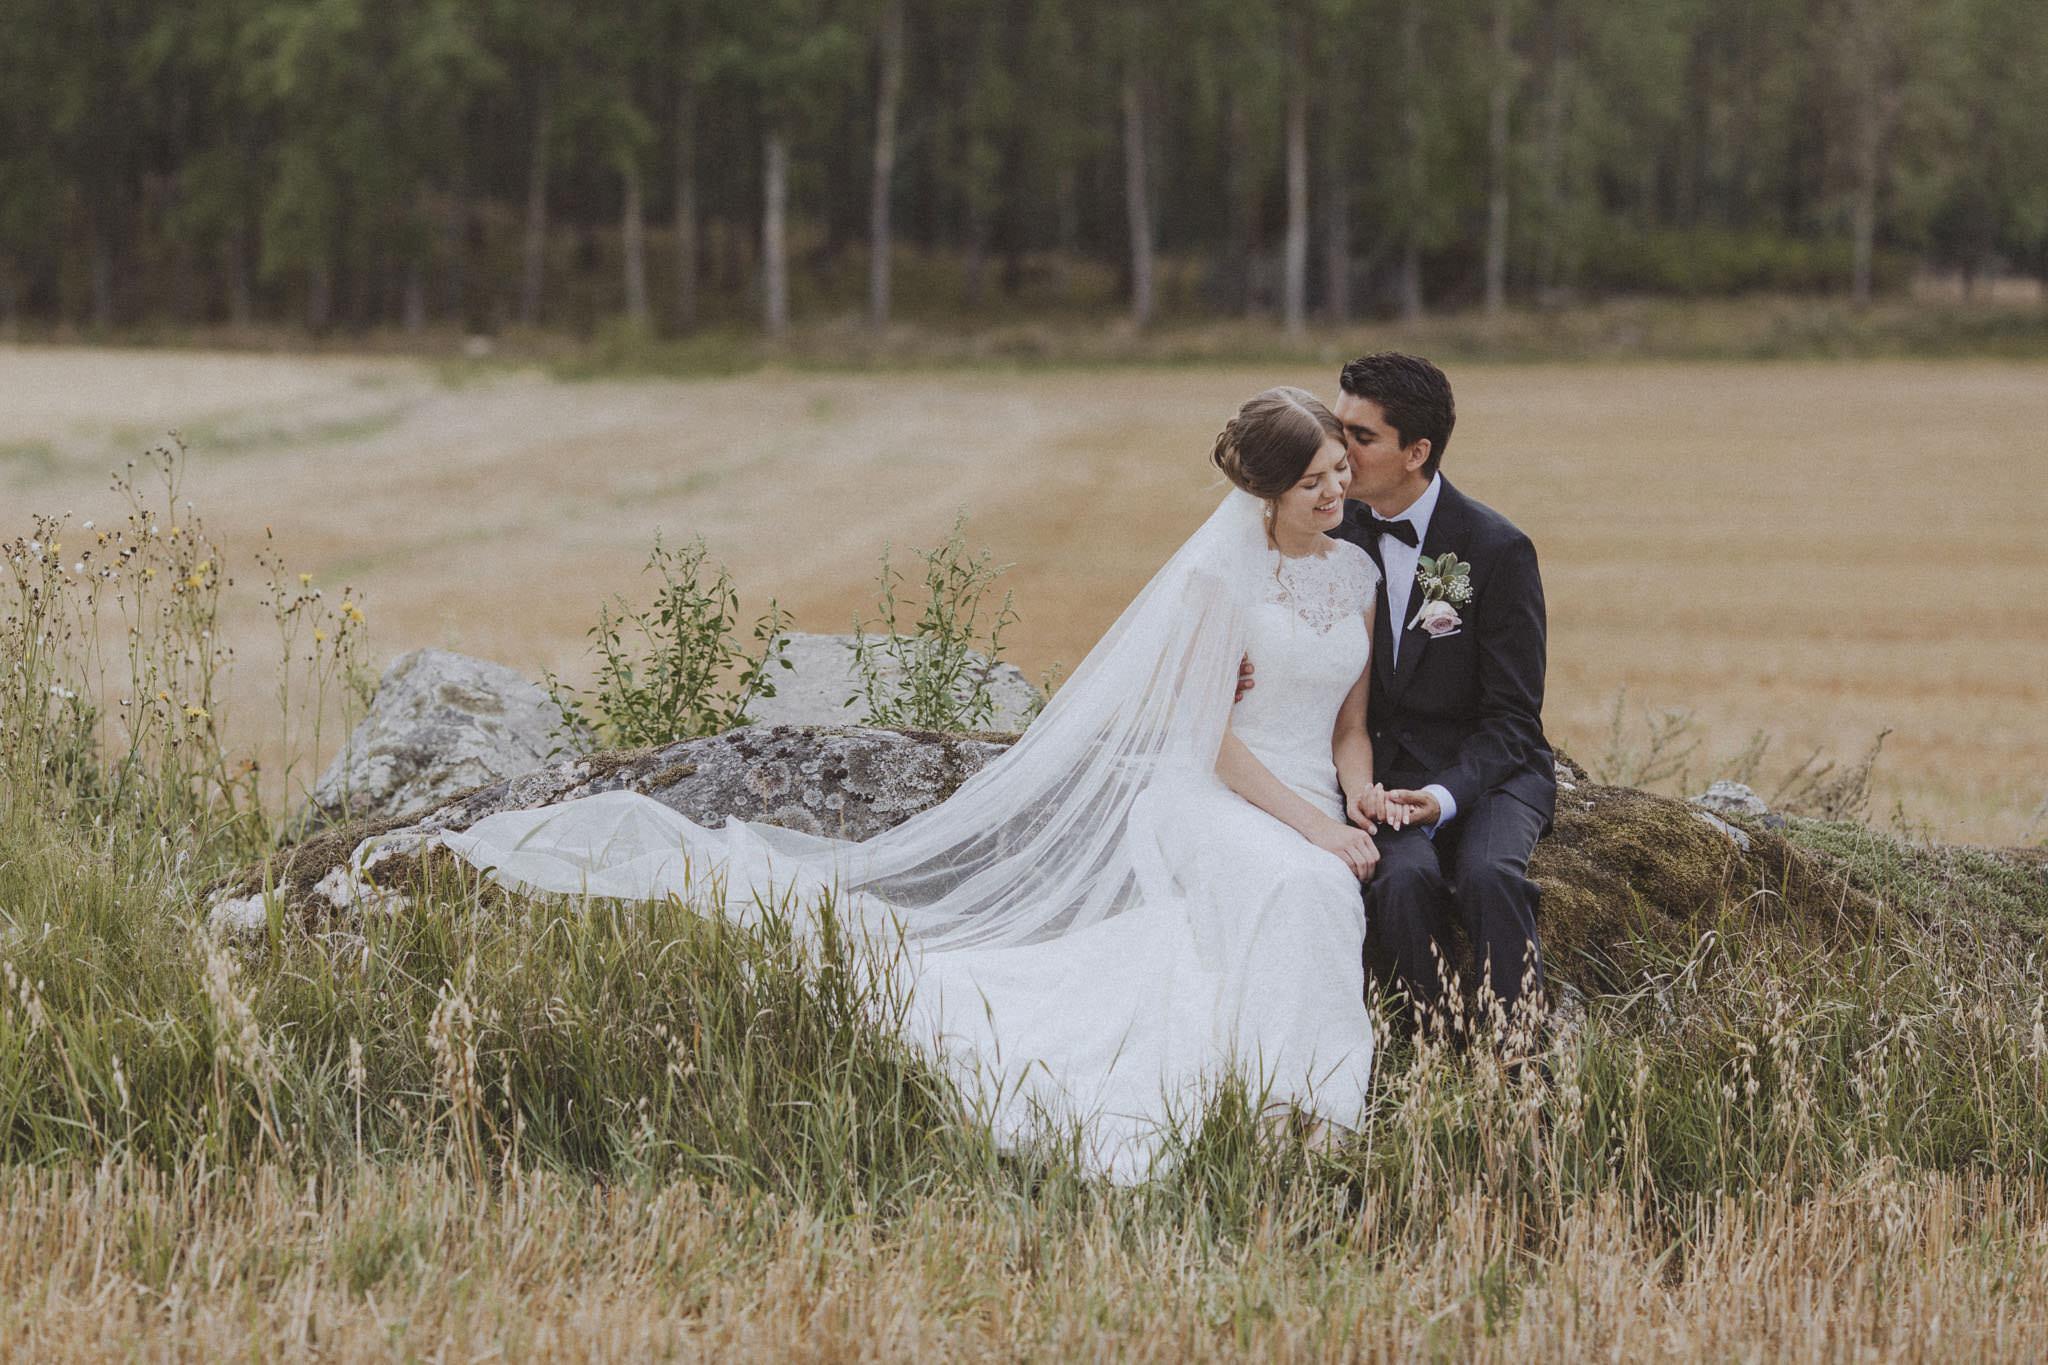 bröllop-tängsta-gård-köping-västerås-västmanland-bröllop